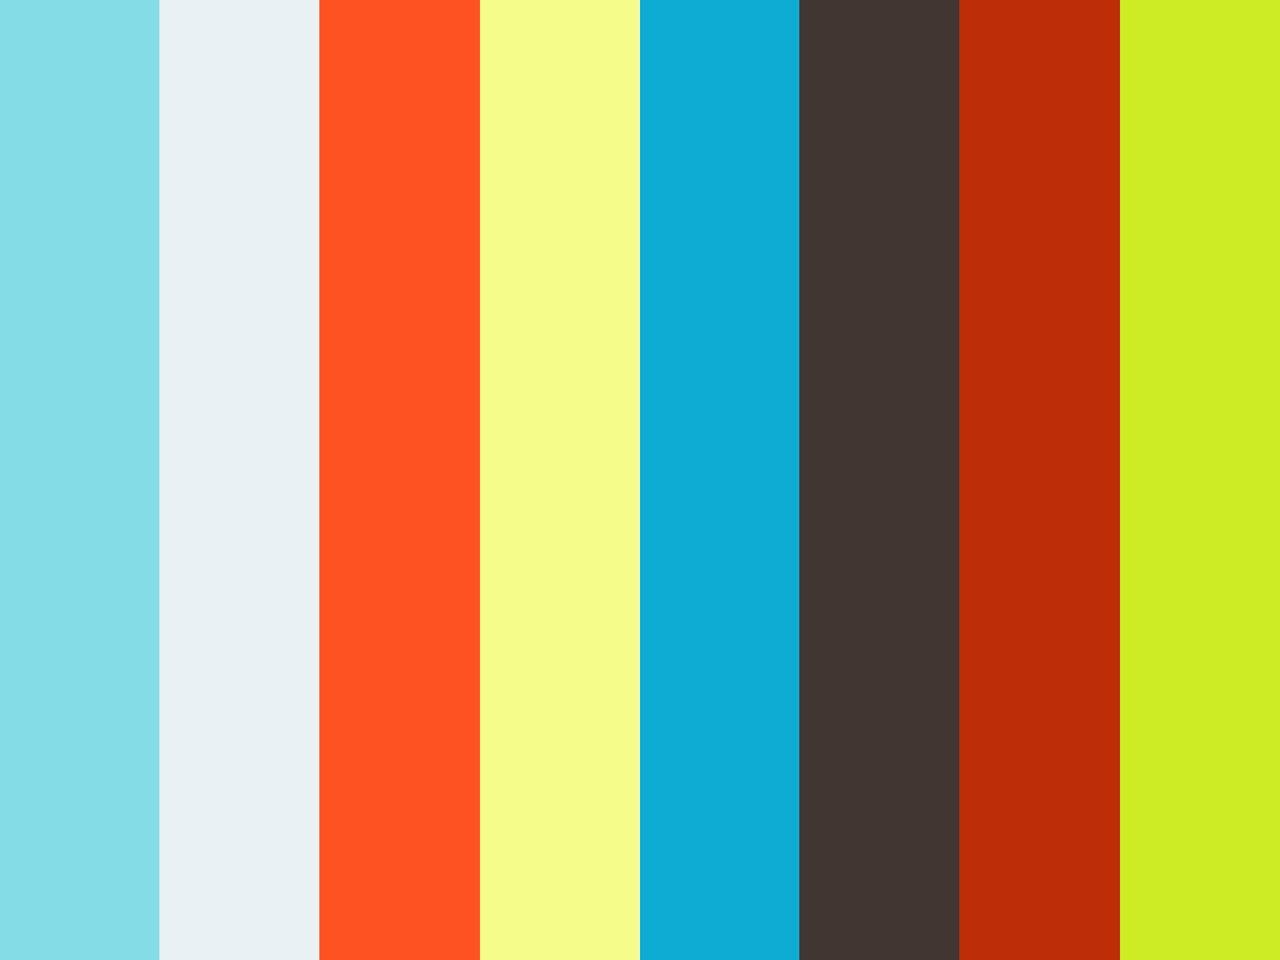 Skoda -  Partenaire Officiel de l'IRONMAN 70.3 Pays d'Aix et de l'IRONMAN Vichy 2017